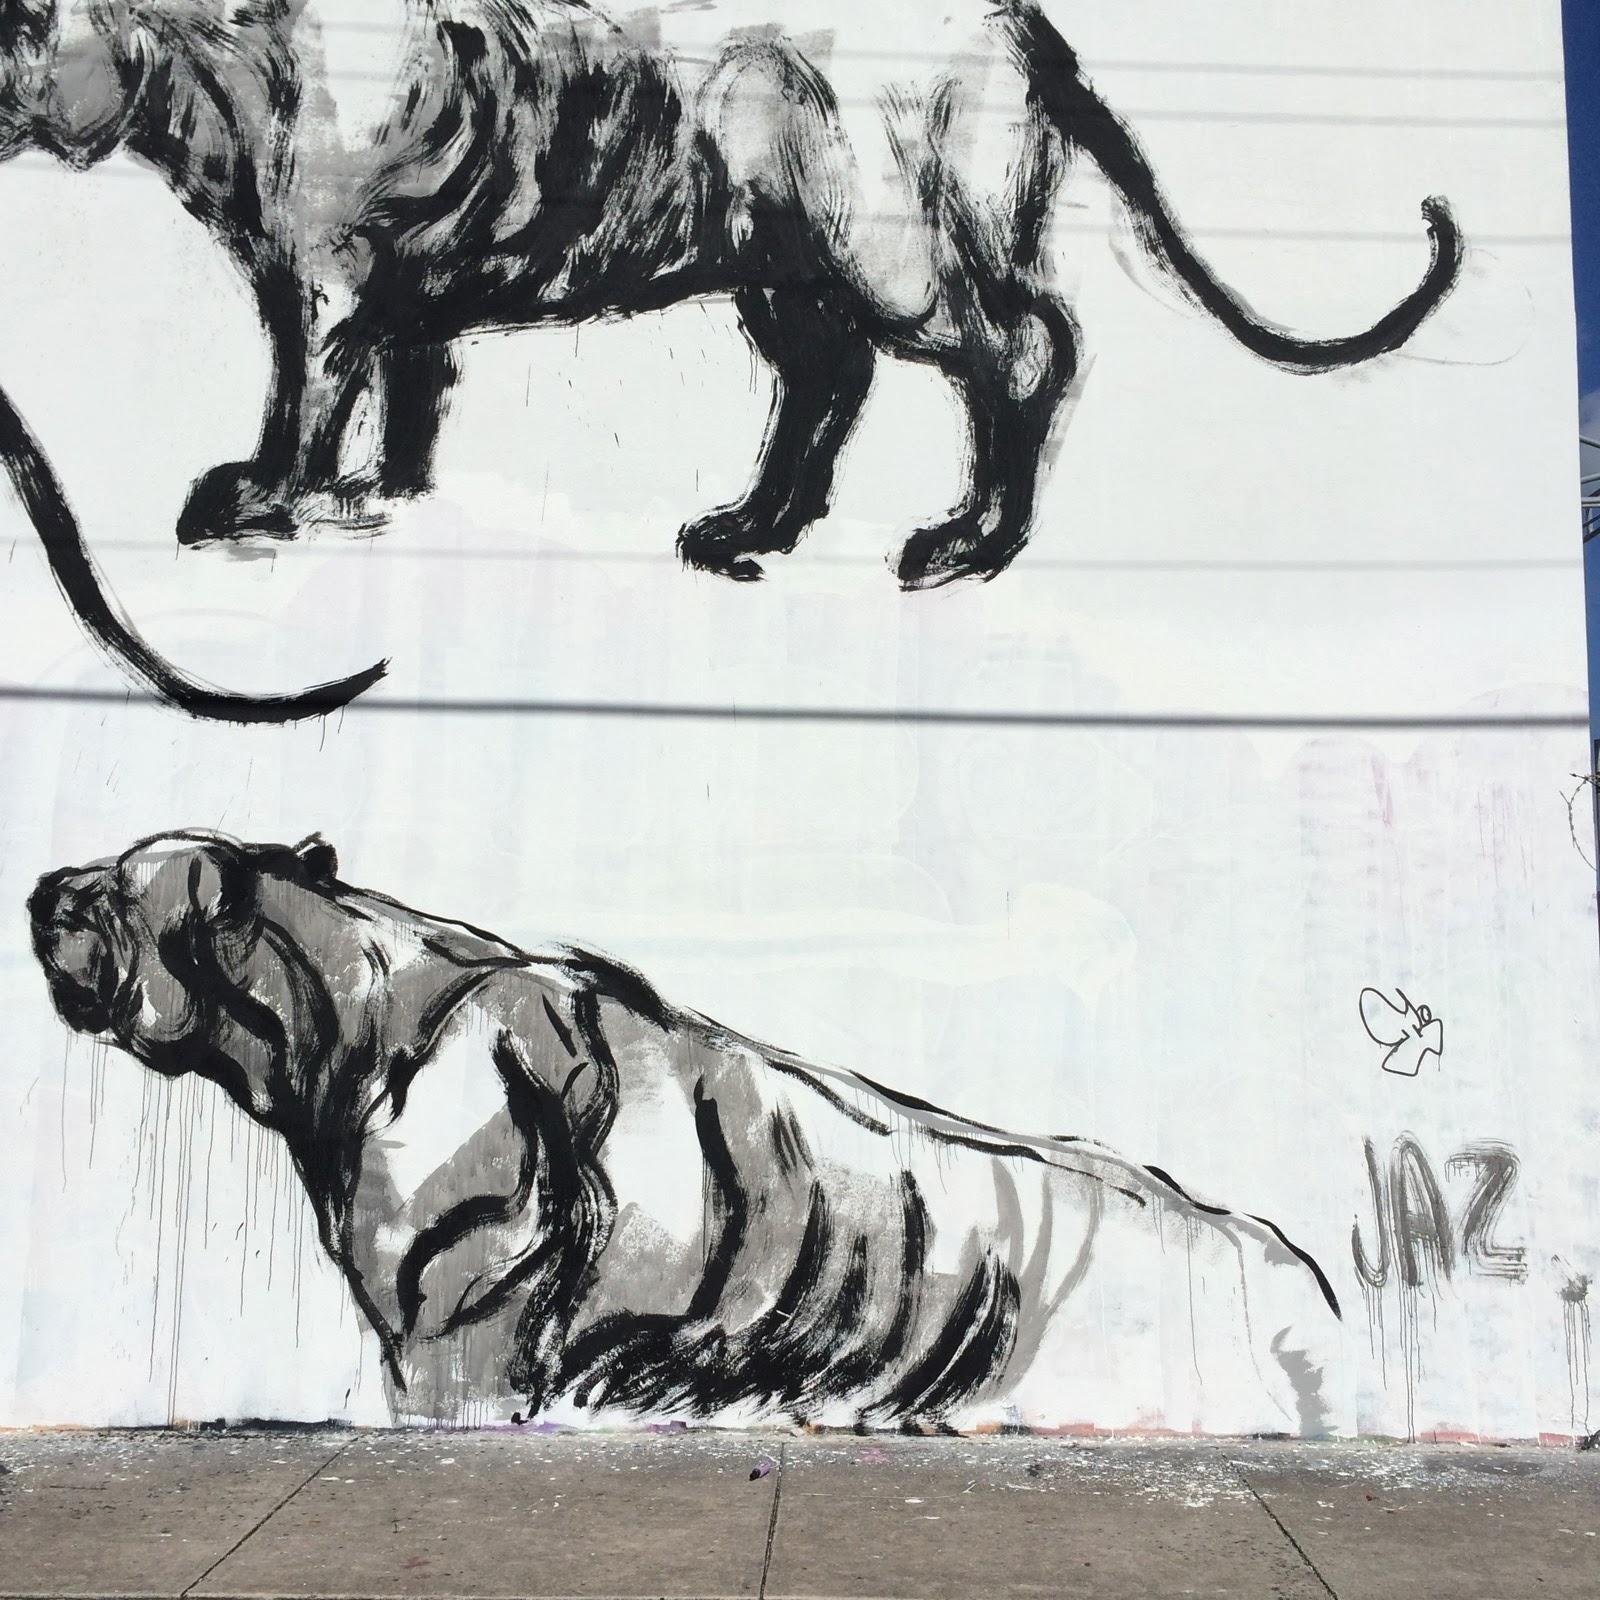 jaz-miami-new-mural-for-art-basel-2013-06